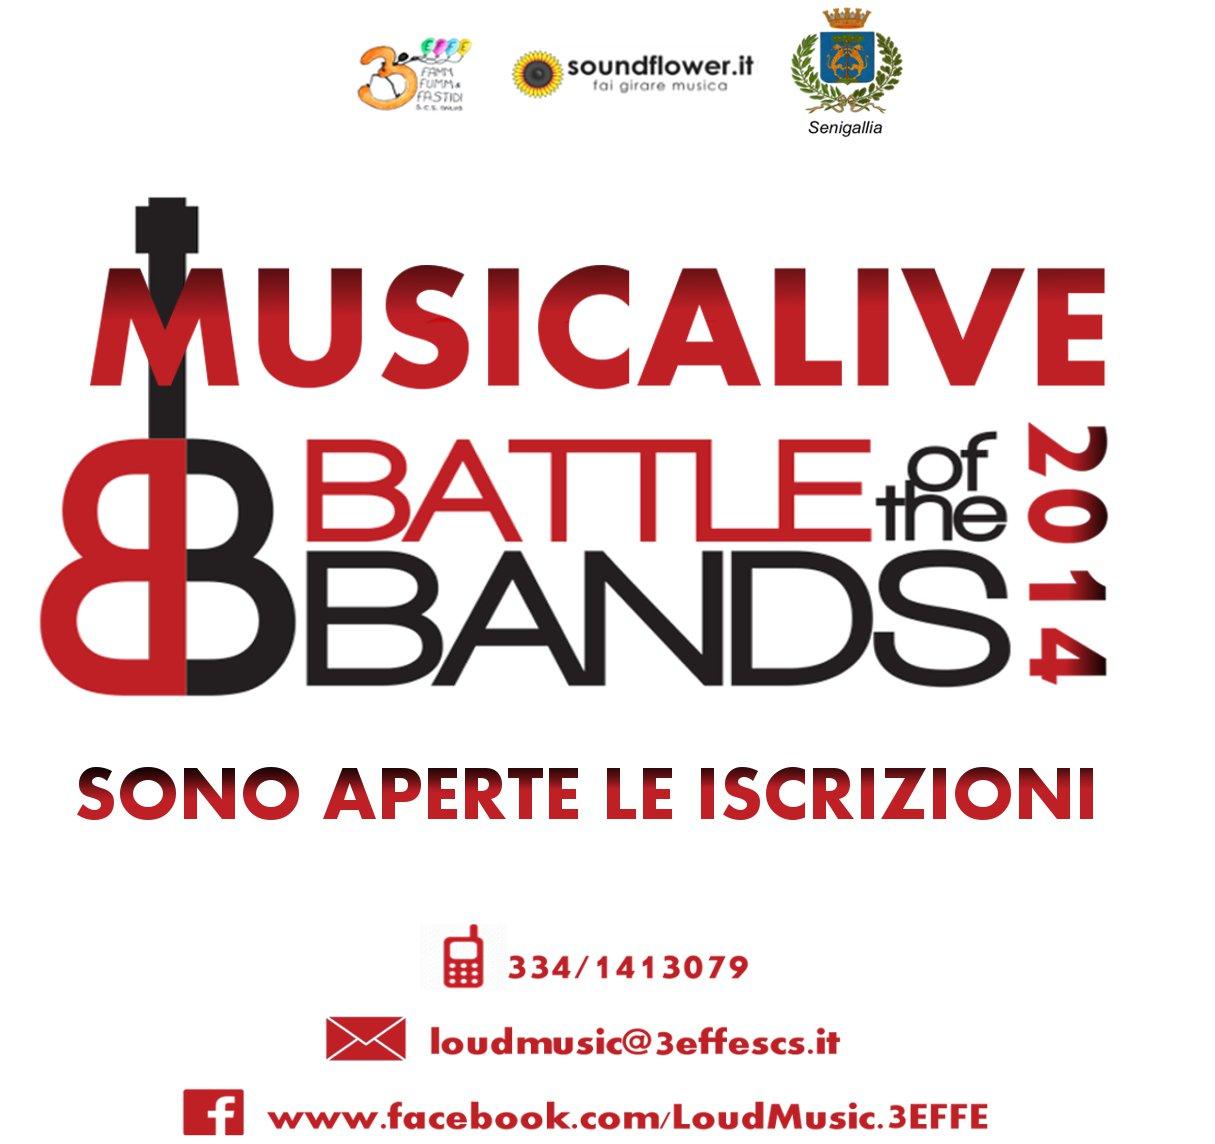 MusicAlive 2014: il CONTEST più agguerrito di Senigallia